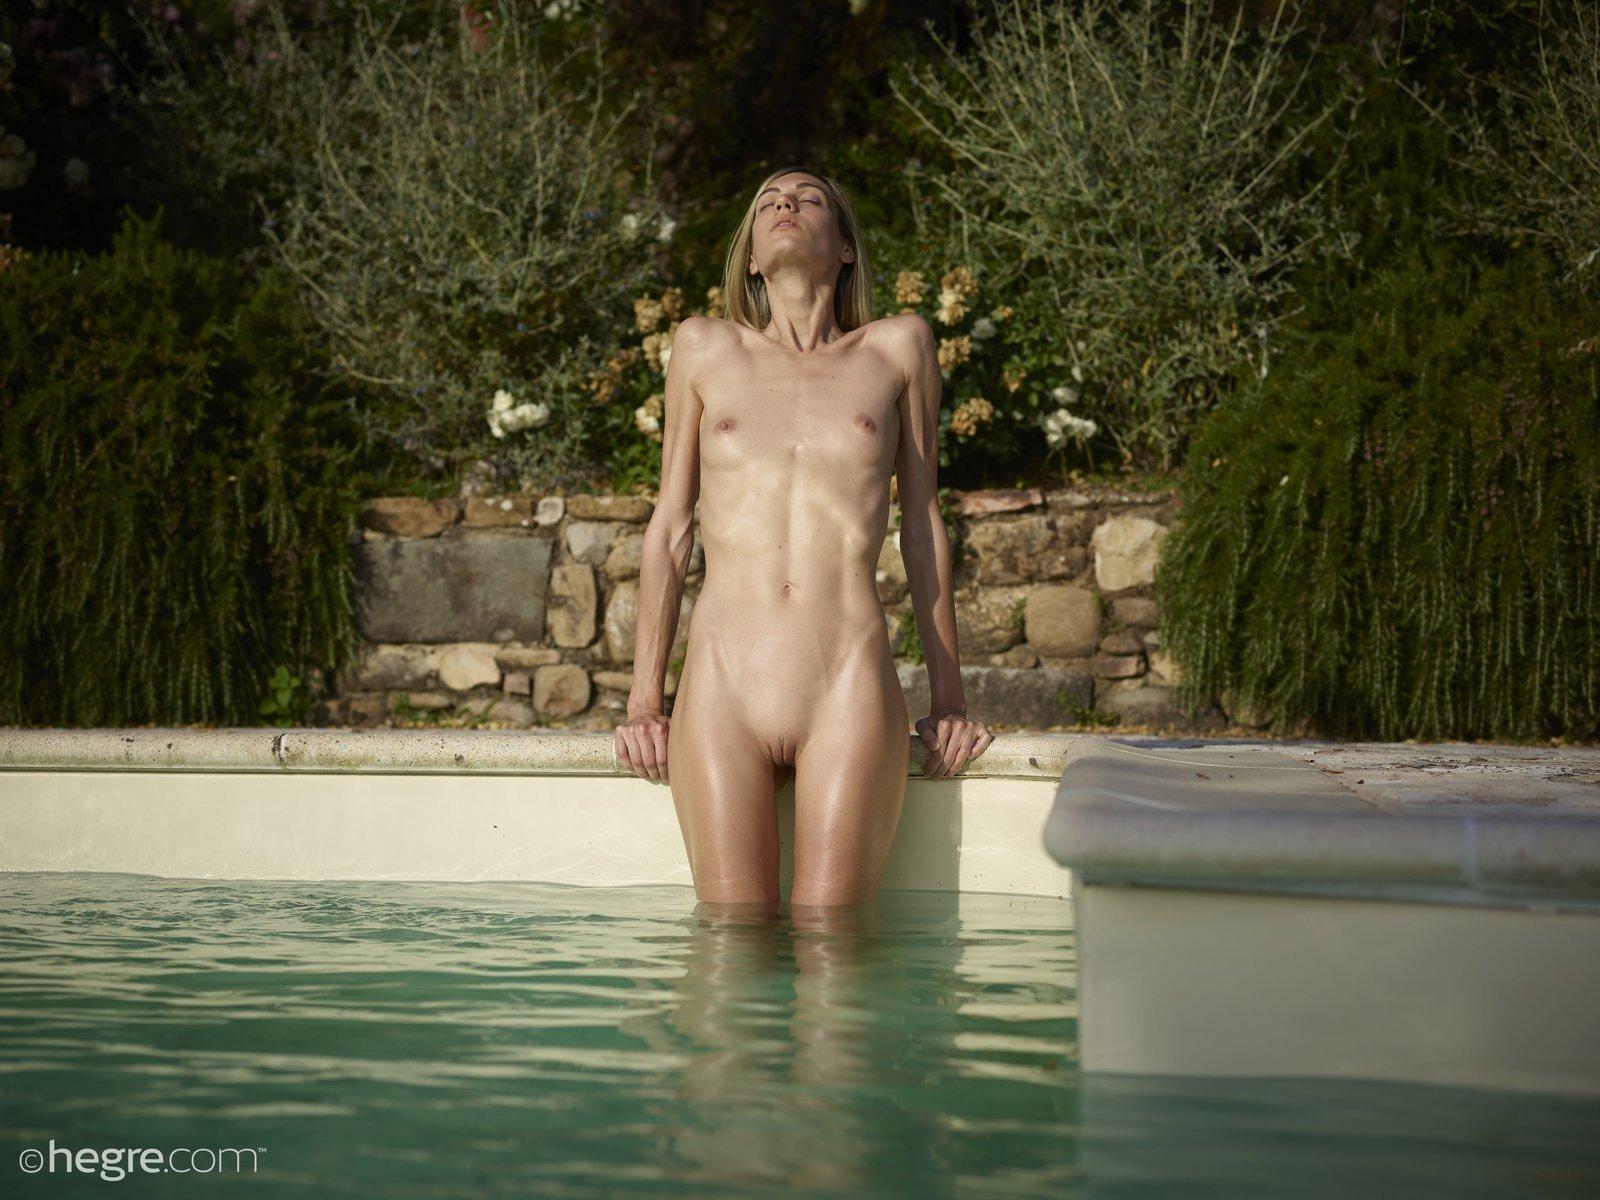 Высокая раздетая давалка искупалась в бассейне